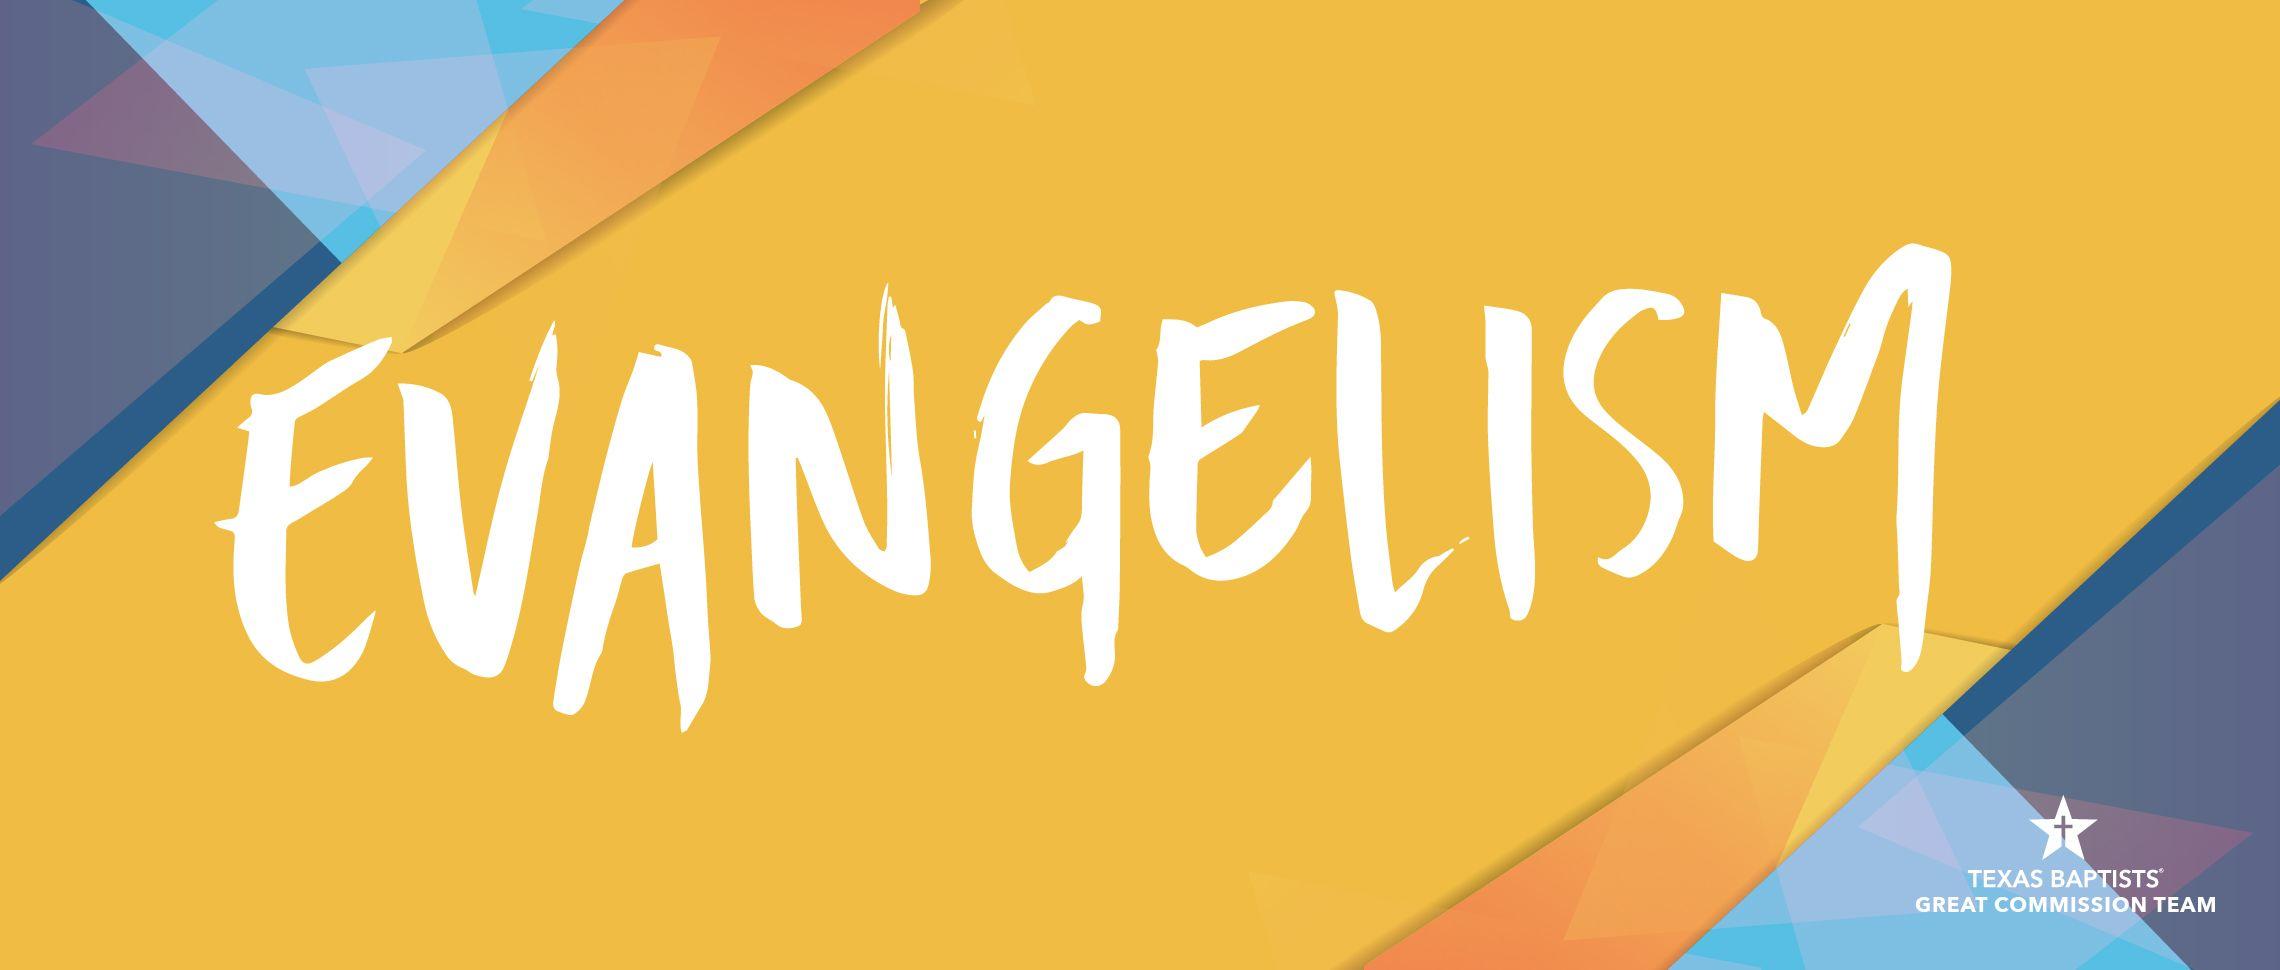 Texas Baptists Evangelism Events